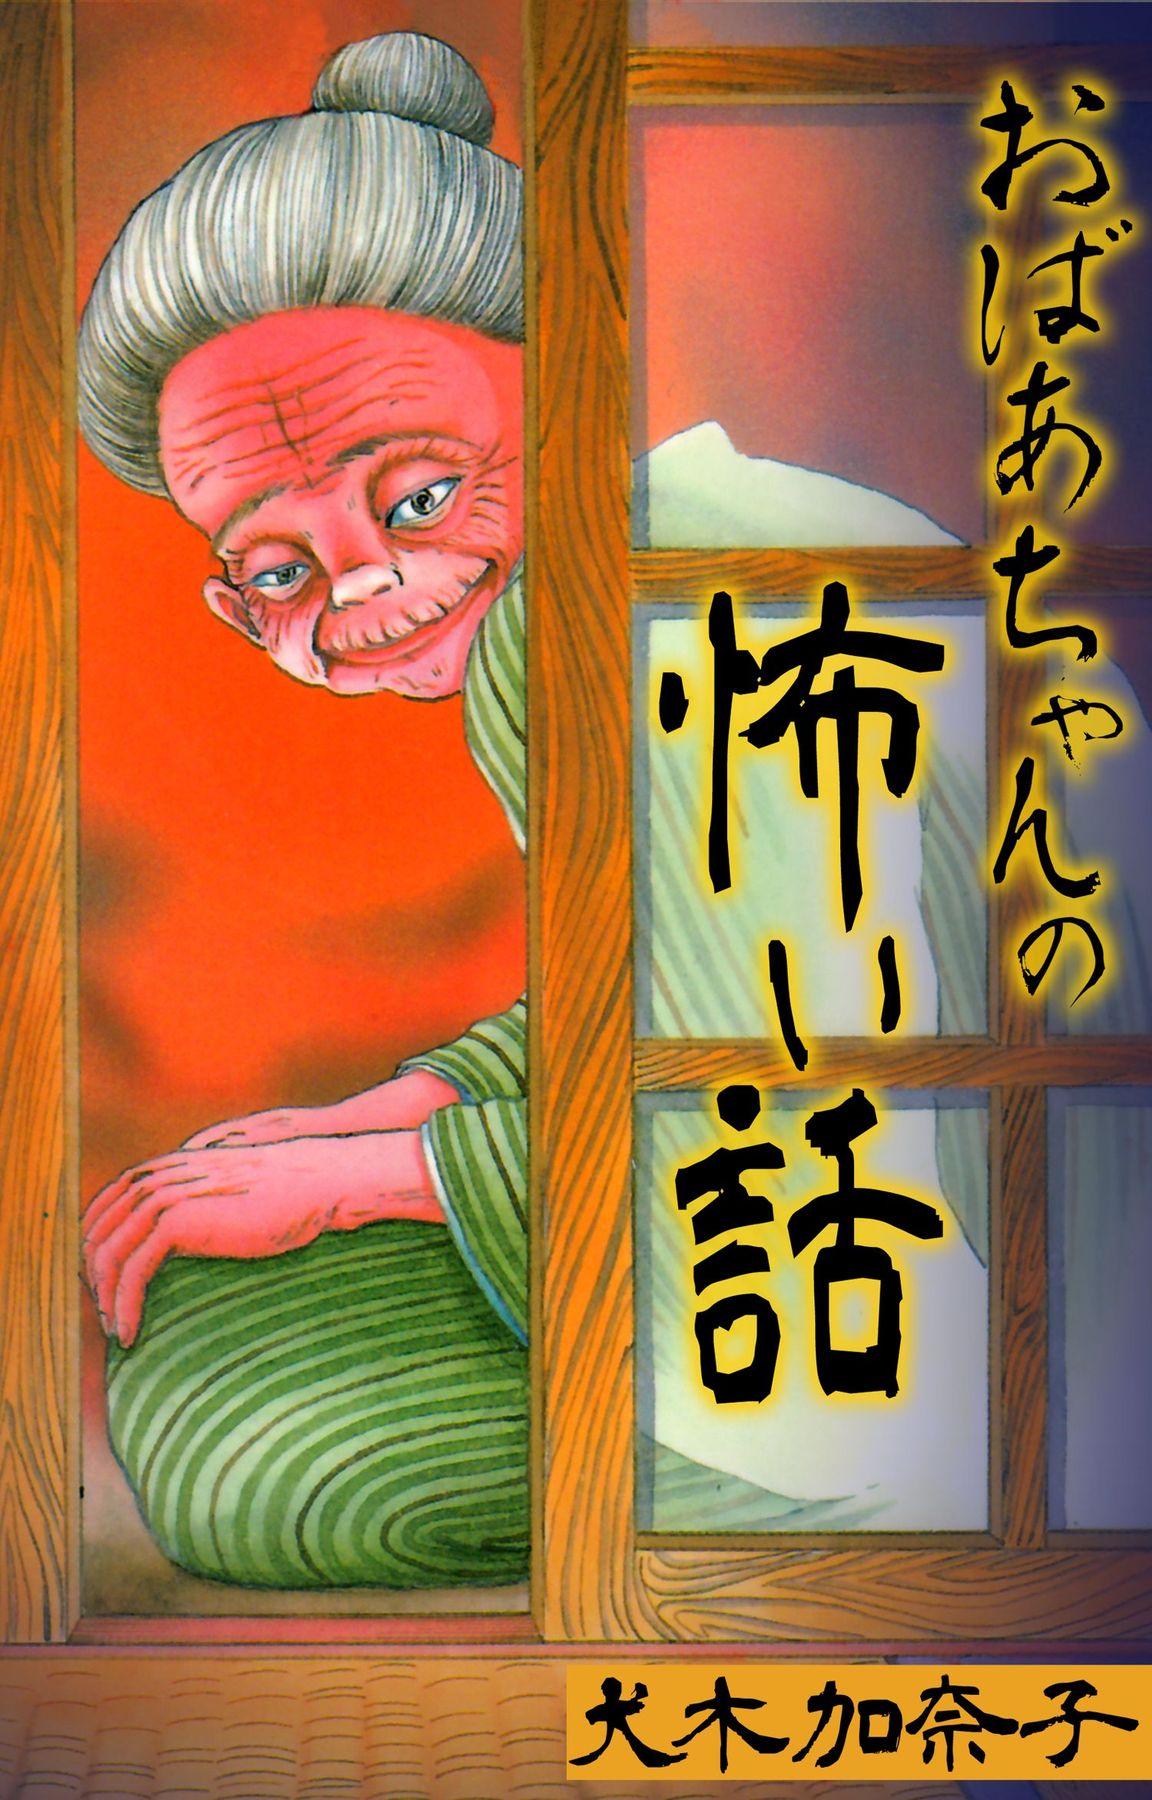 おばあちゃんの怖い話(第1巻)